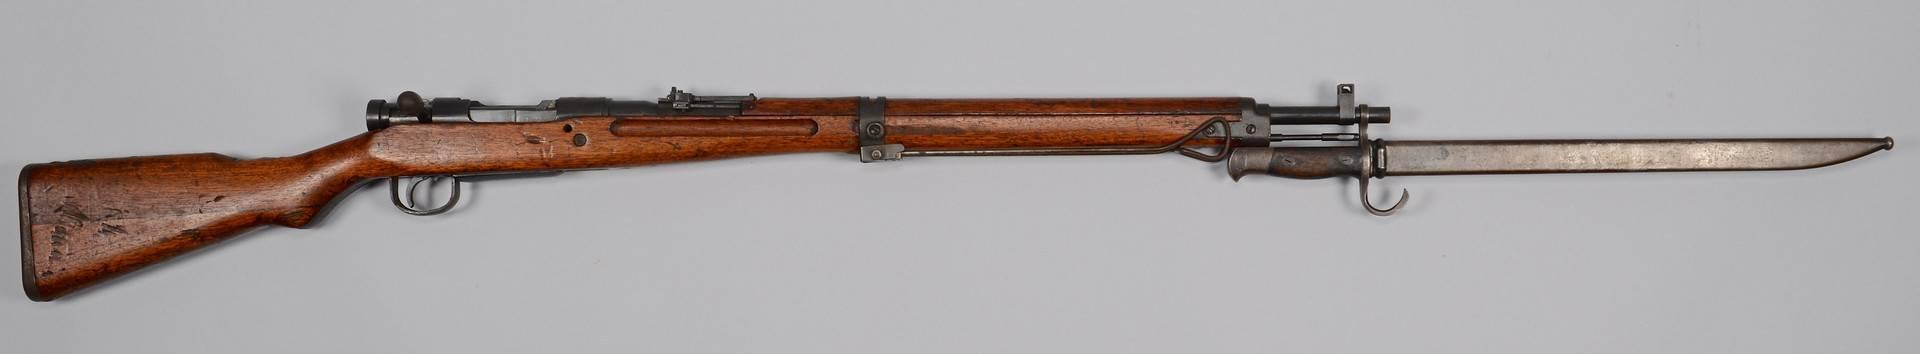 Автоматическая винтовка тип 5